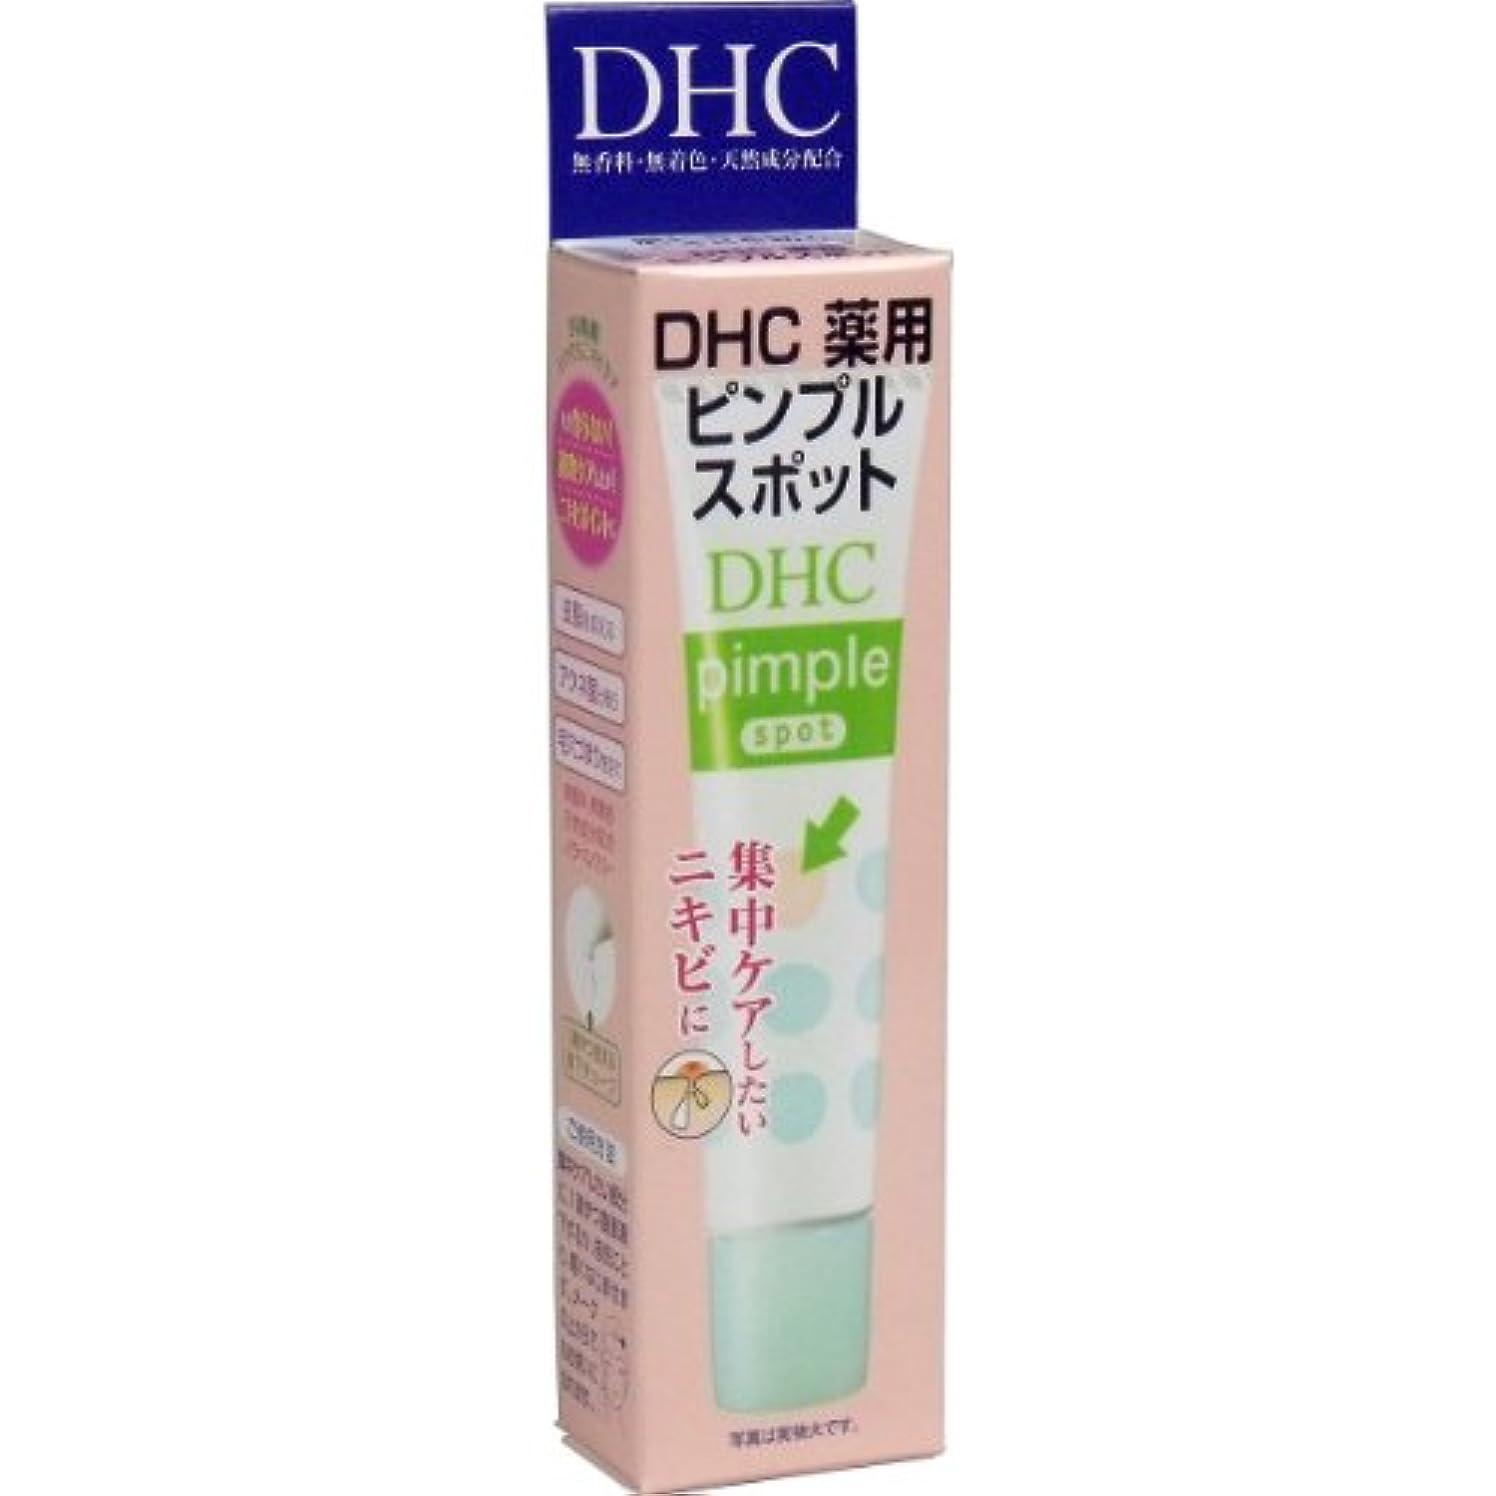 浴室曲情熱【まとめ買い】DHC薬用ピンプルスポット 15ml ×2セット